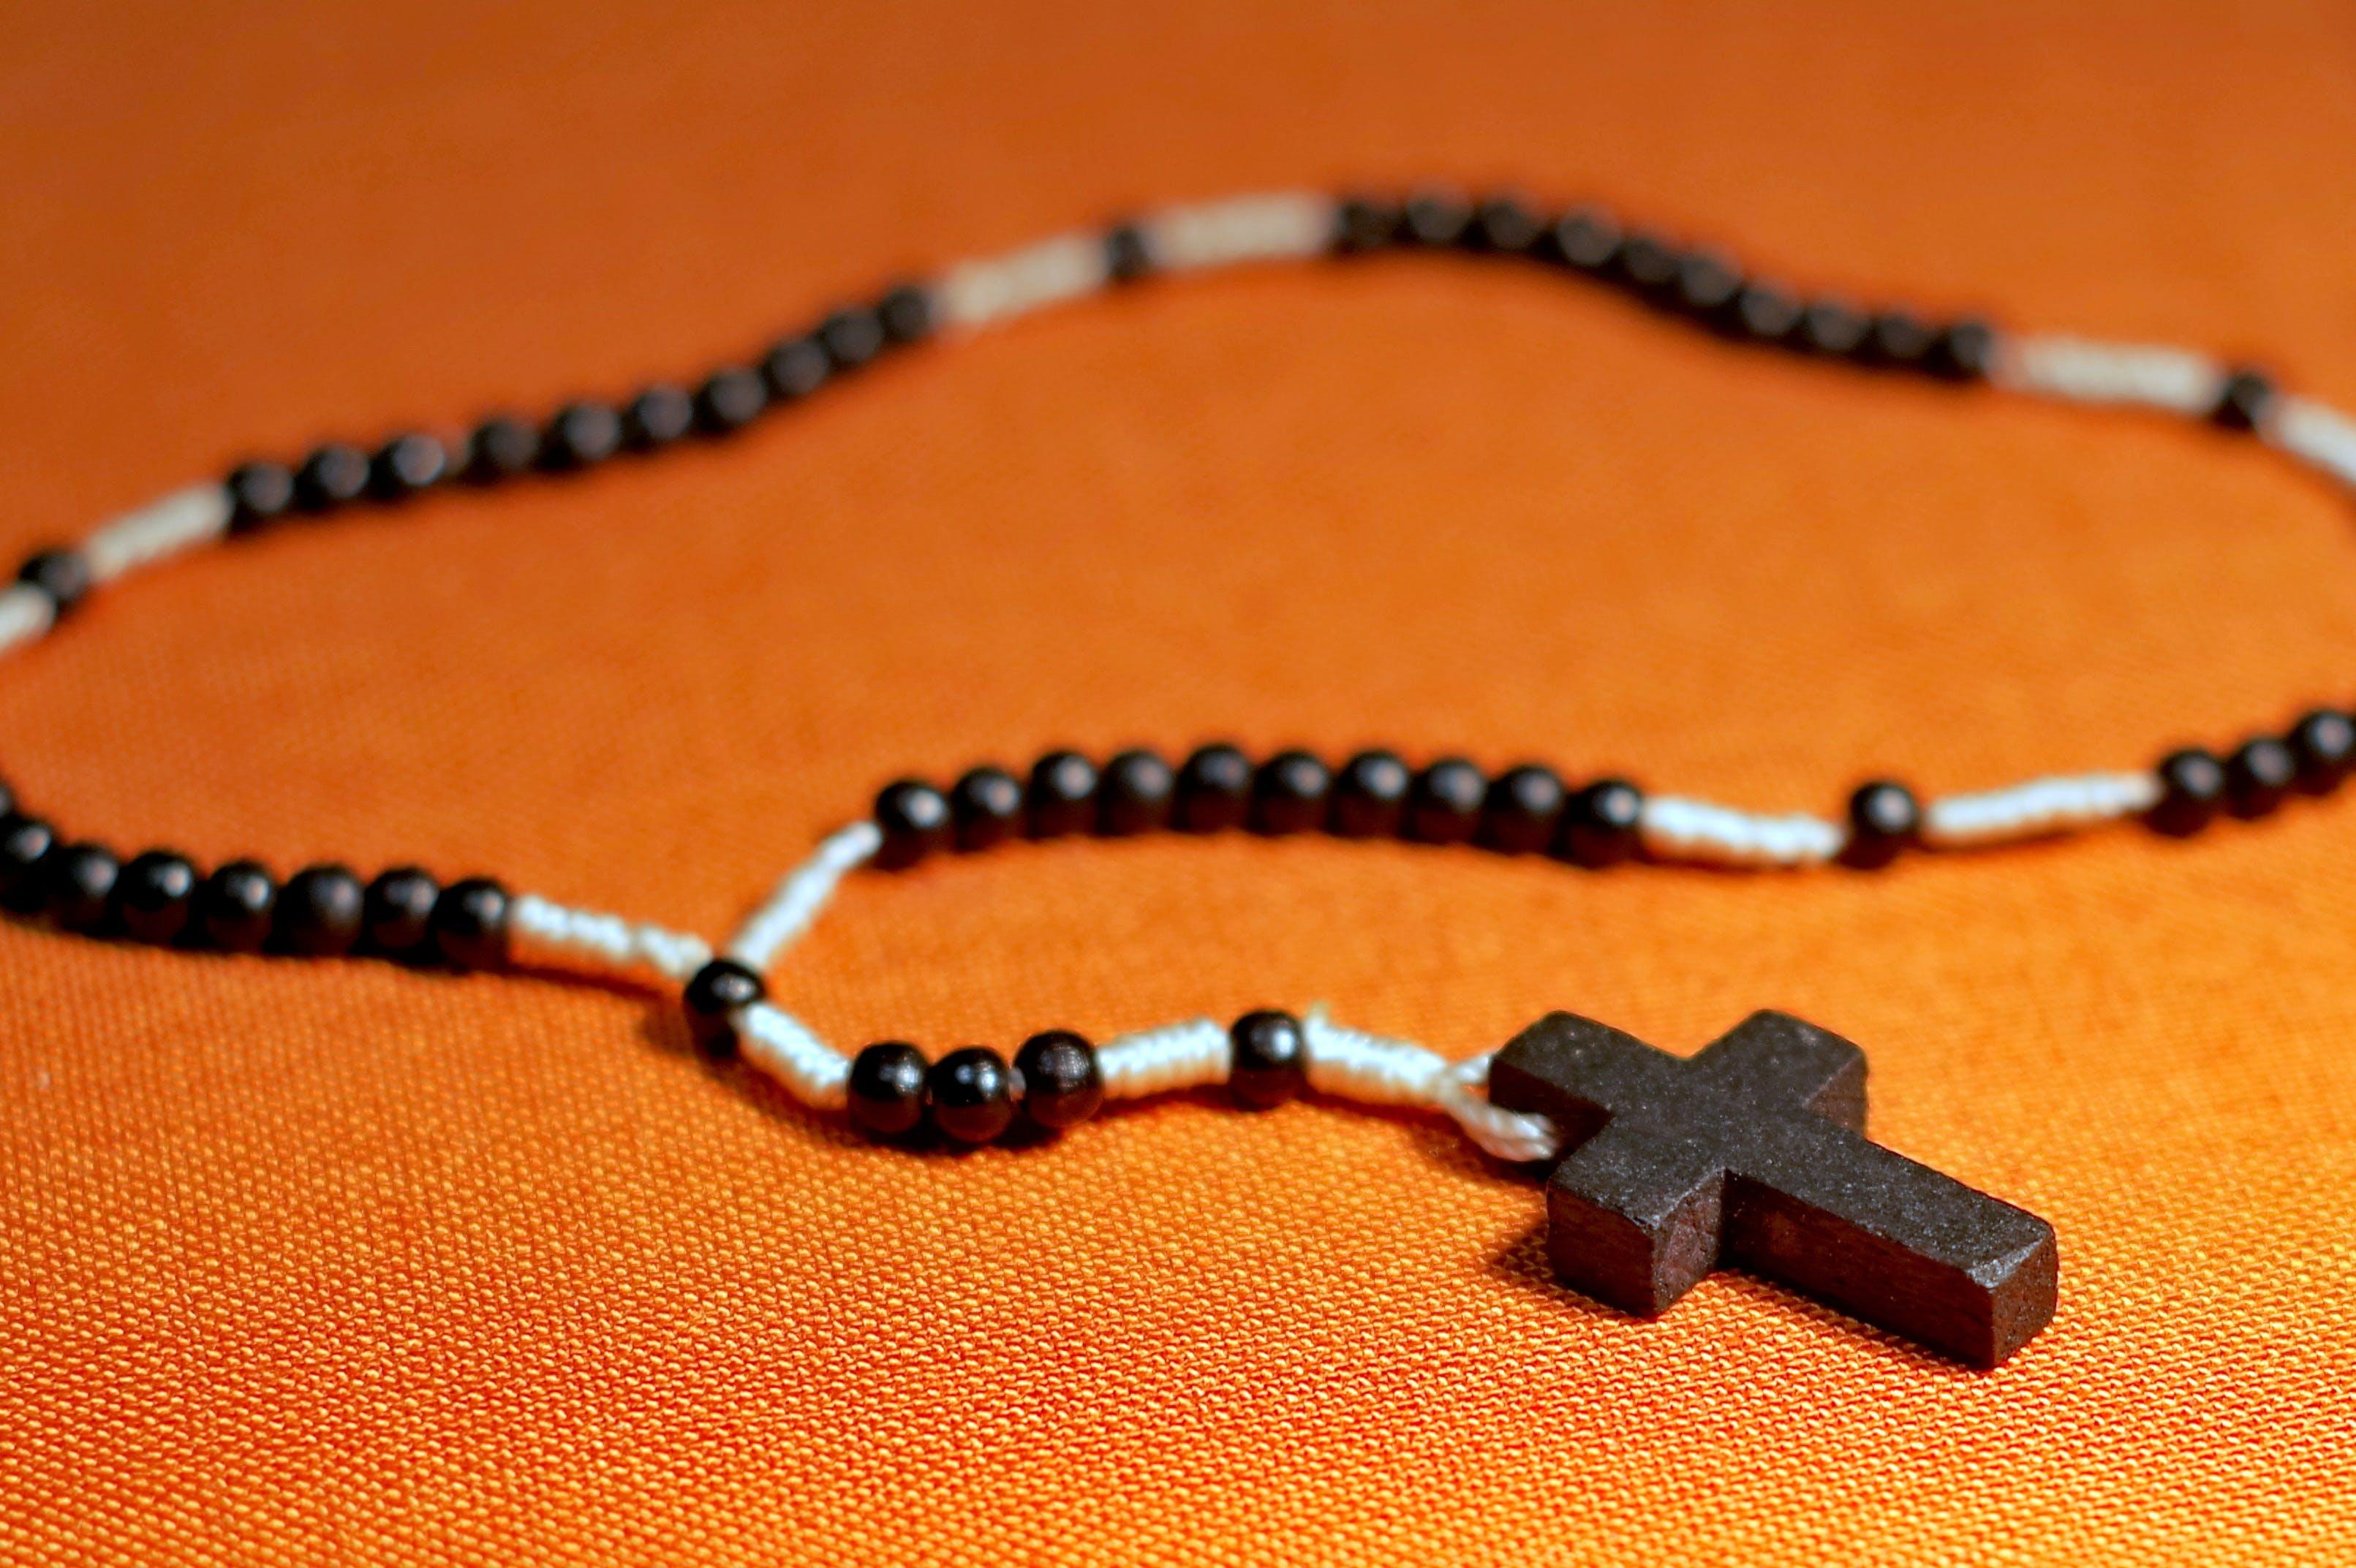 Rosary on Orange Surface